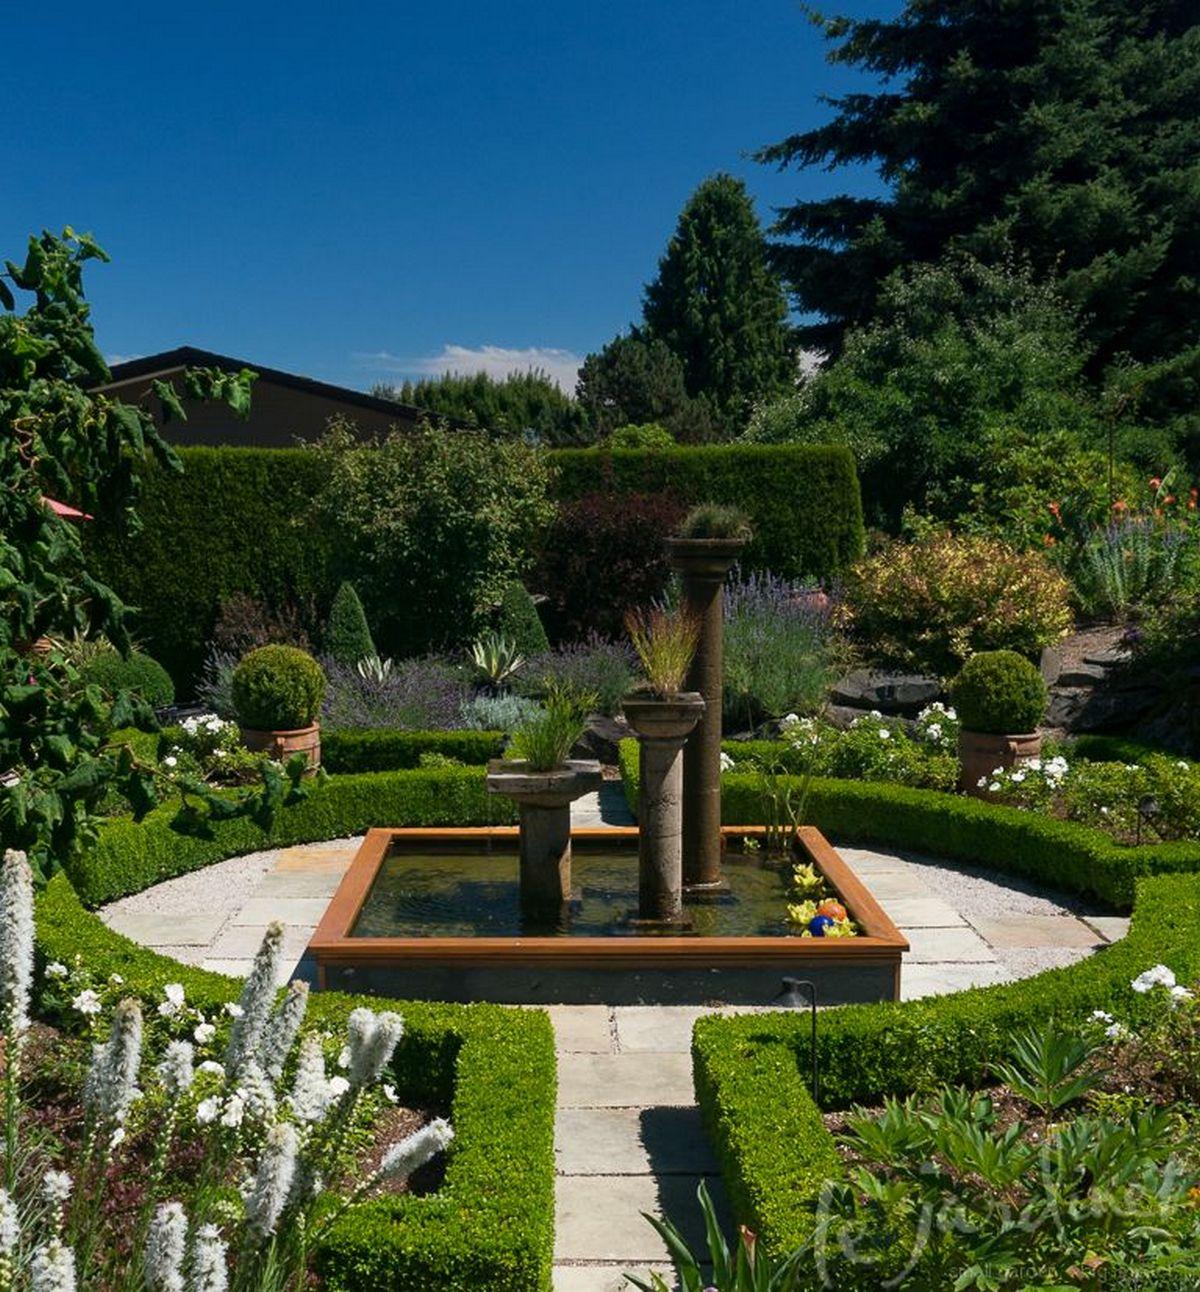 ландшафтный дизайн садового участка своими руками регулярный стиль